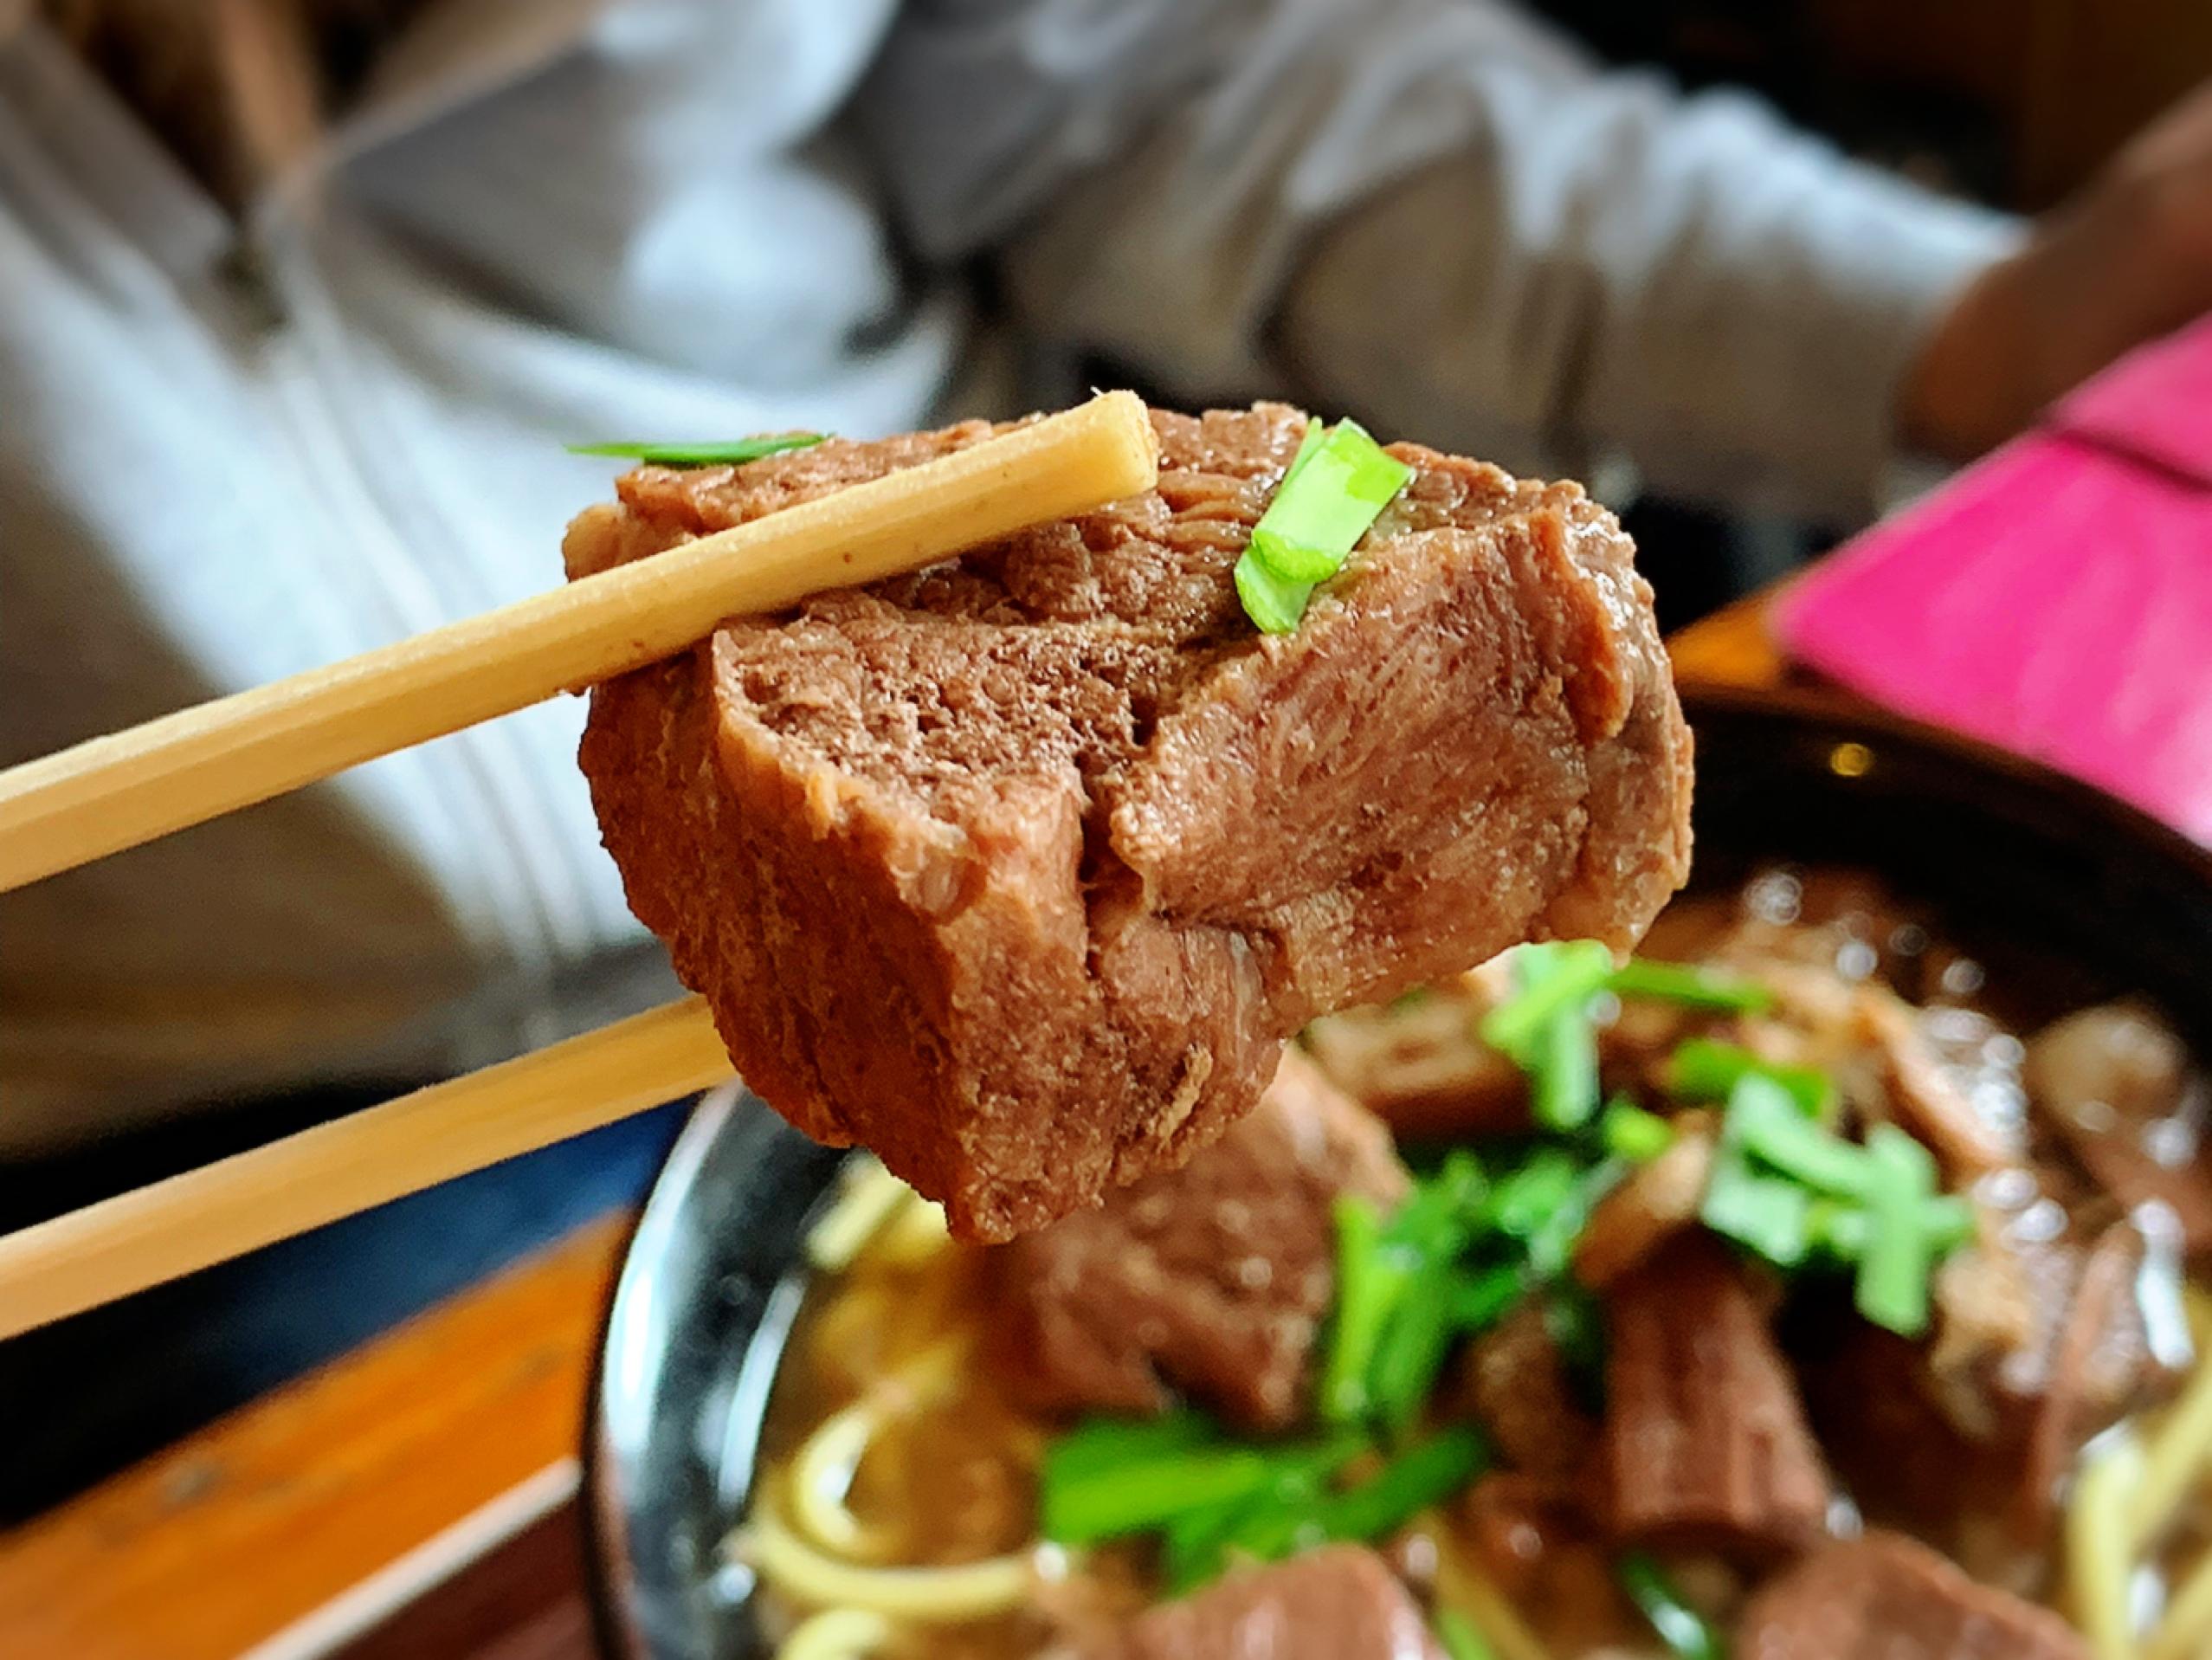 【ランチの部】牛汁、牛そば の2大看板メニューを筆頭に✨✨定食メニューも好評なアットホームな食堂✨✨✨